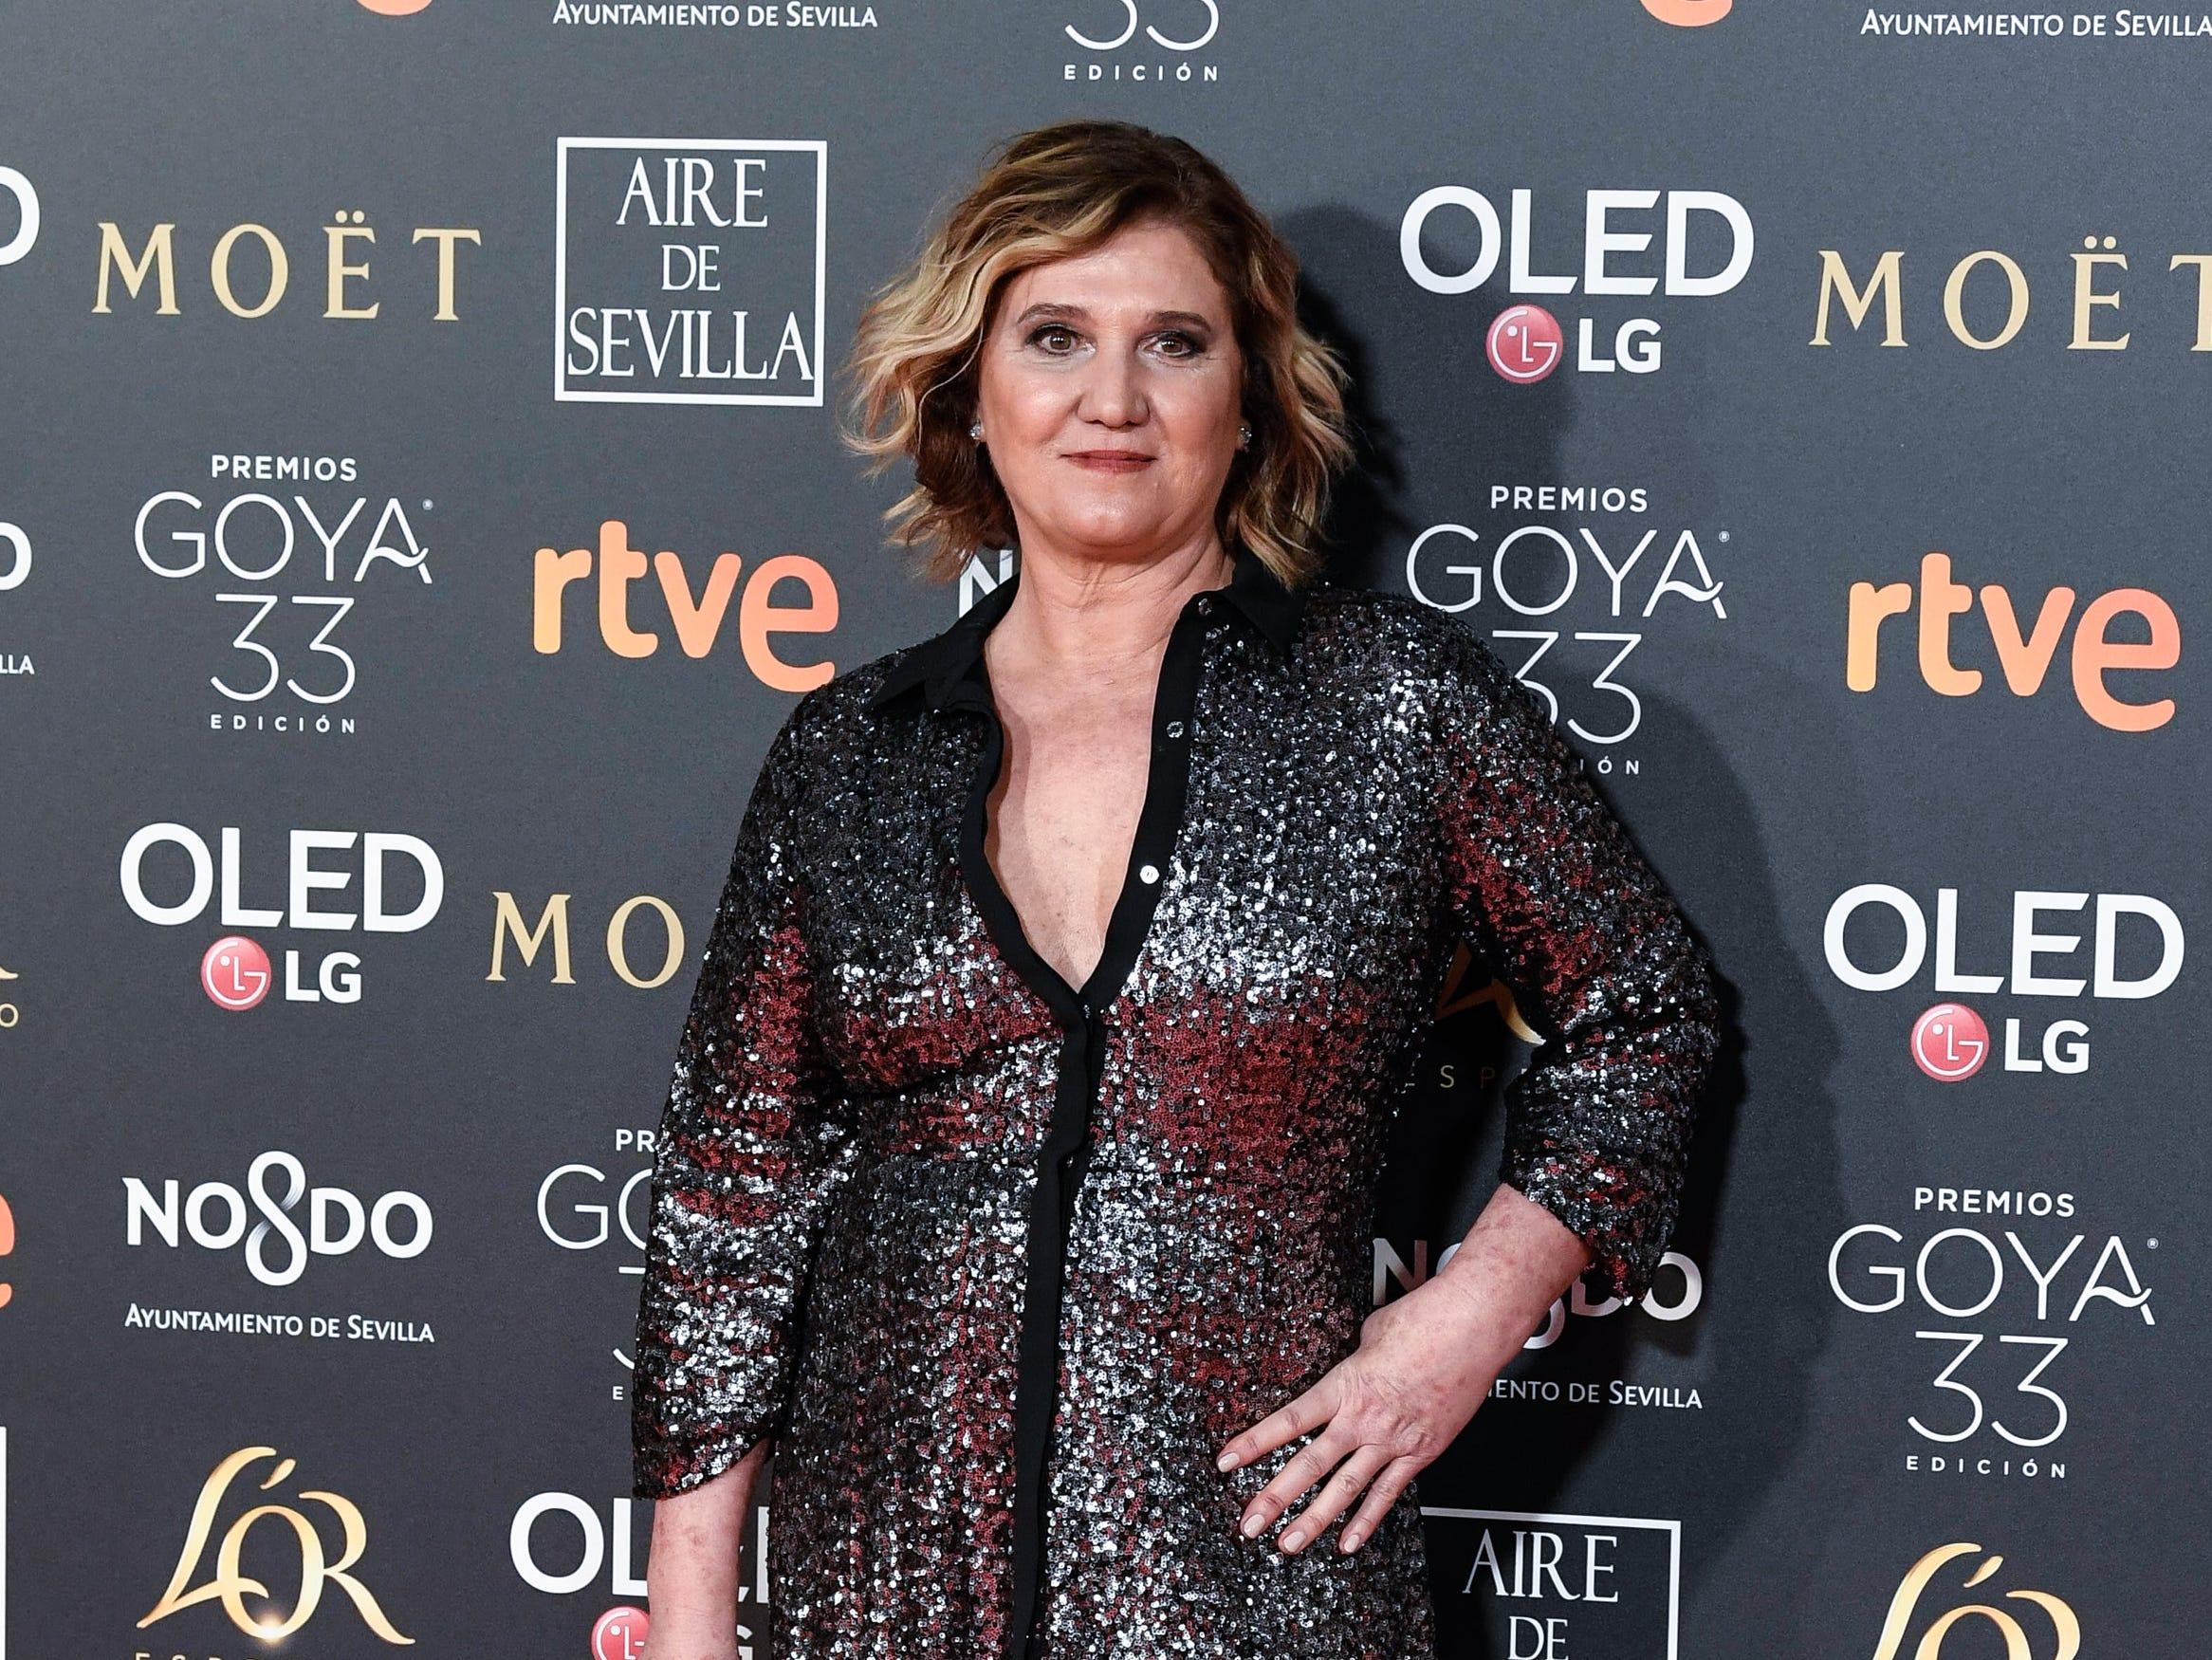 Ana Wagener asiste a la 33ª edición de los Premios de Cine Goya en el Palacio de Congresos y Exposiciones FIBES el 2 de febrero de 2019 en Sevilla, España.